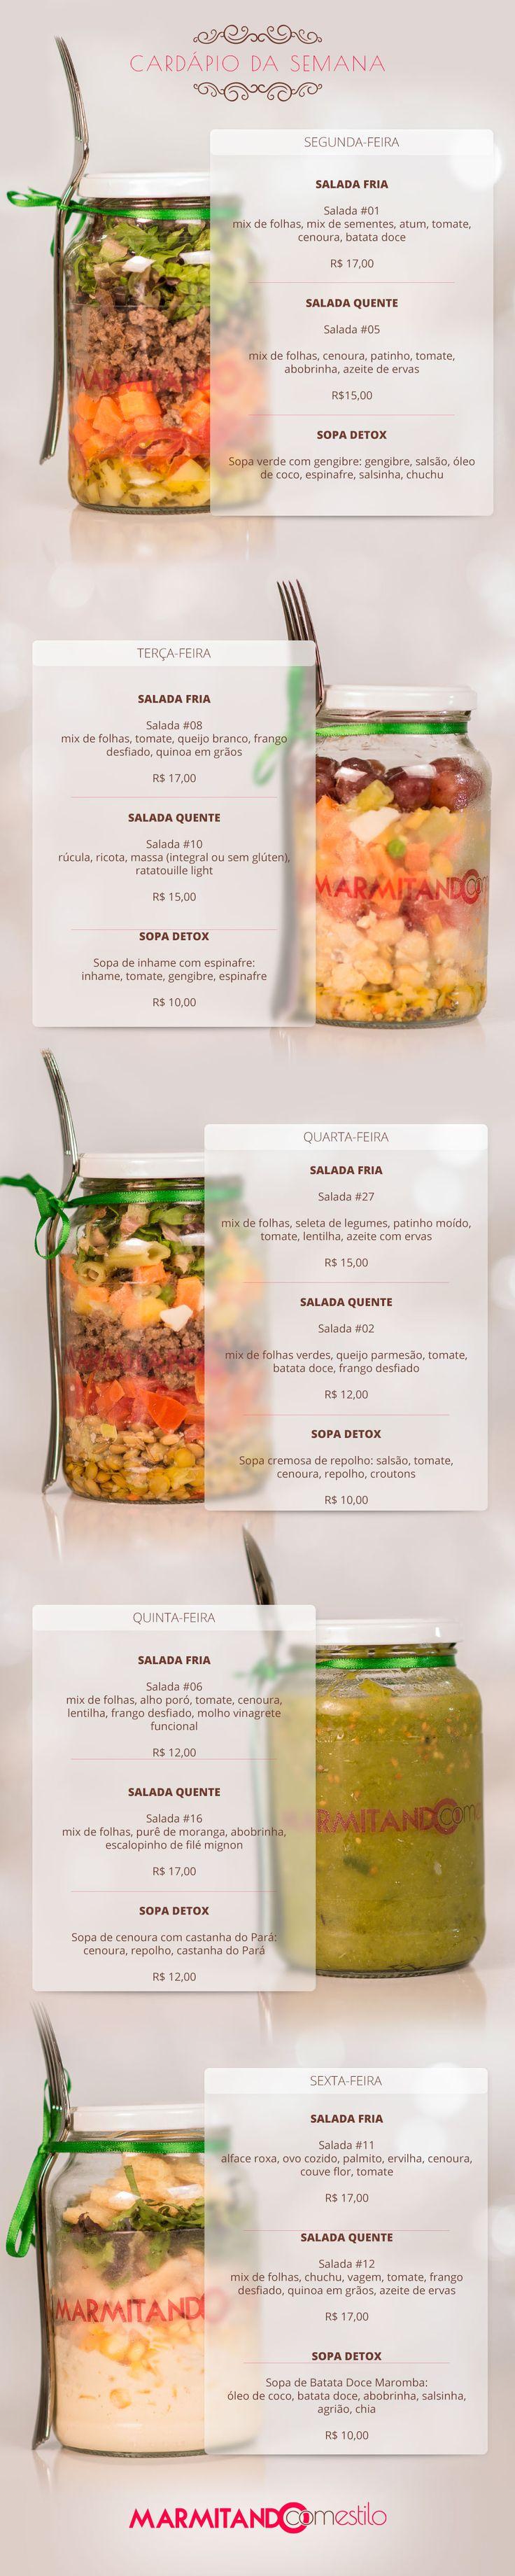 tipos de salada no pote #marmitando